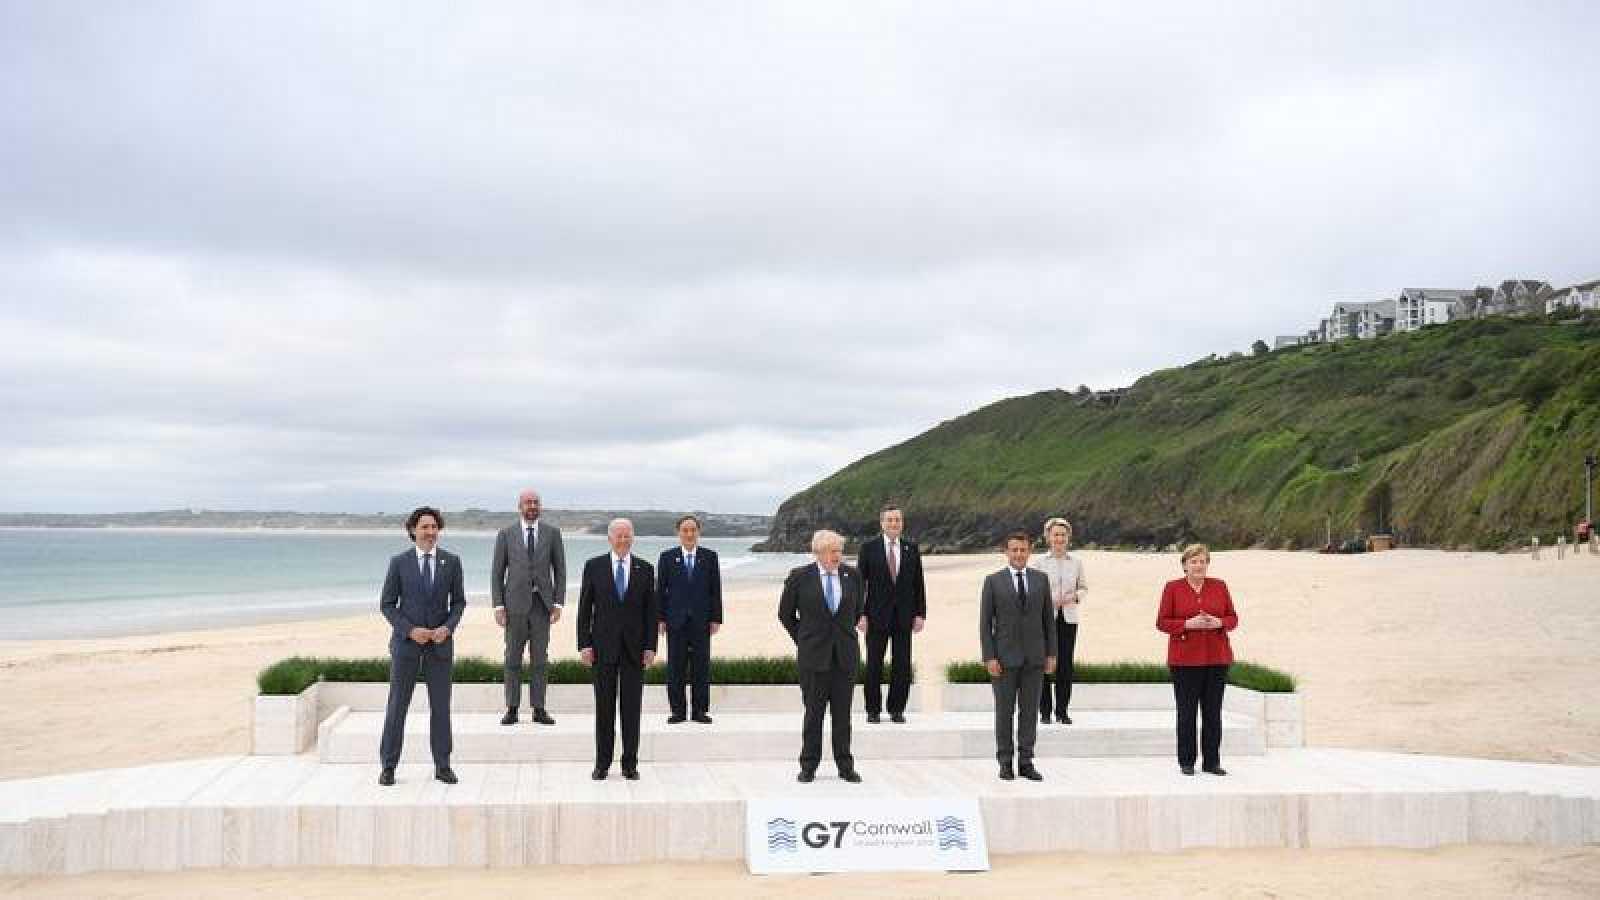 El primer ministro británico, Boris Johnson, posa con los líderes del G7 para la foto de familia durante la cumbre del G7 en Carbis Bay, Reino Unido